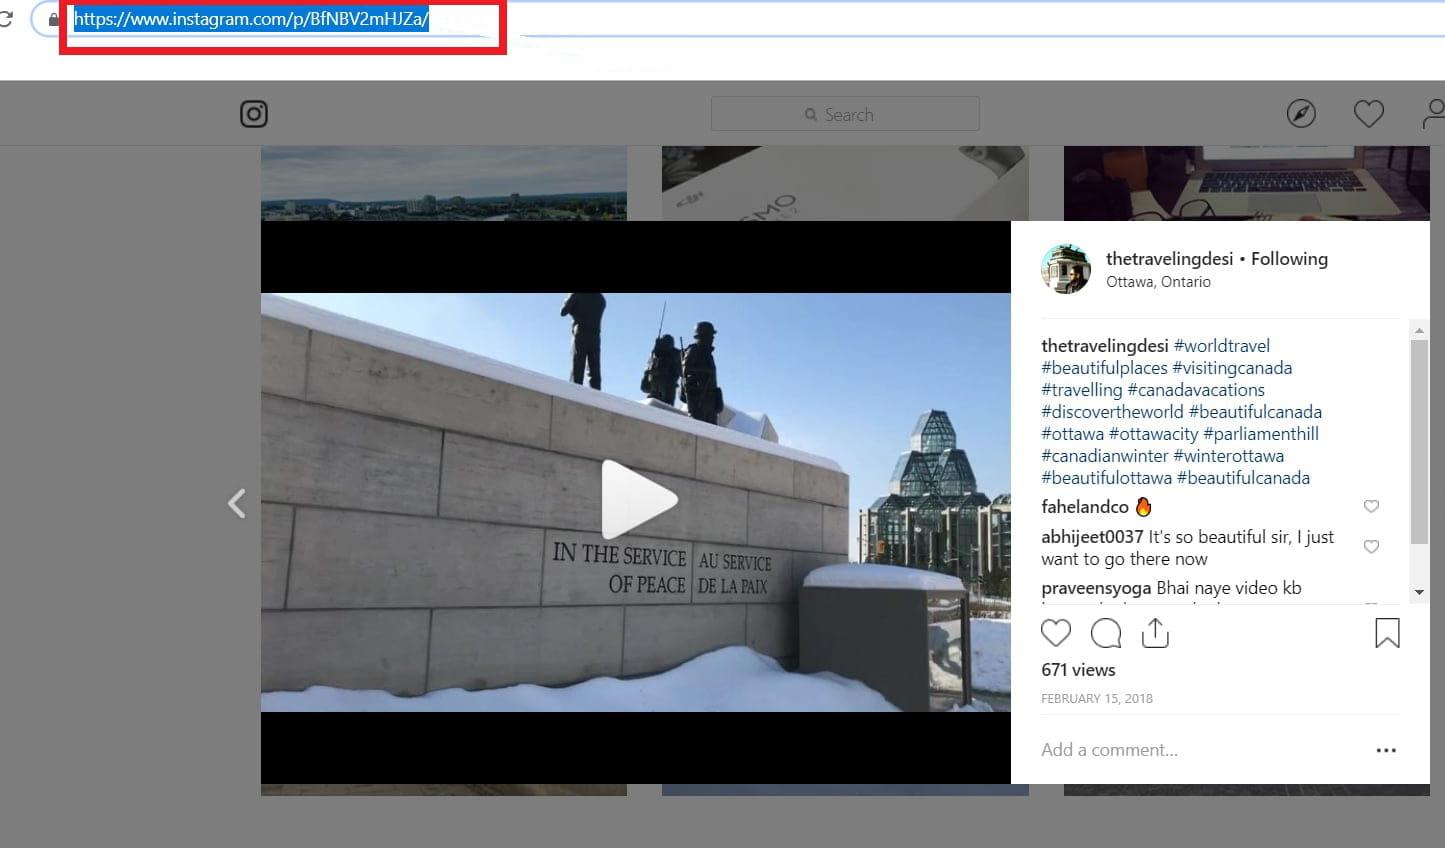 How To Download Instagram Videos on Desktop